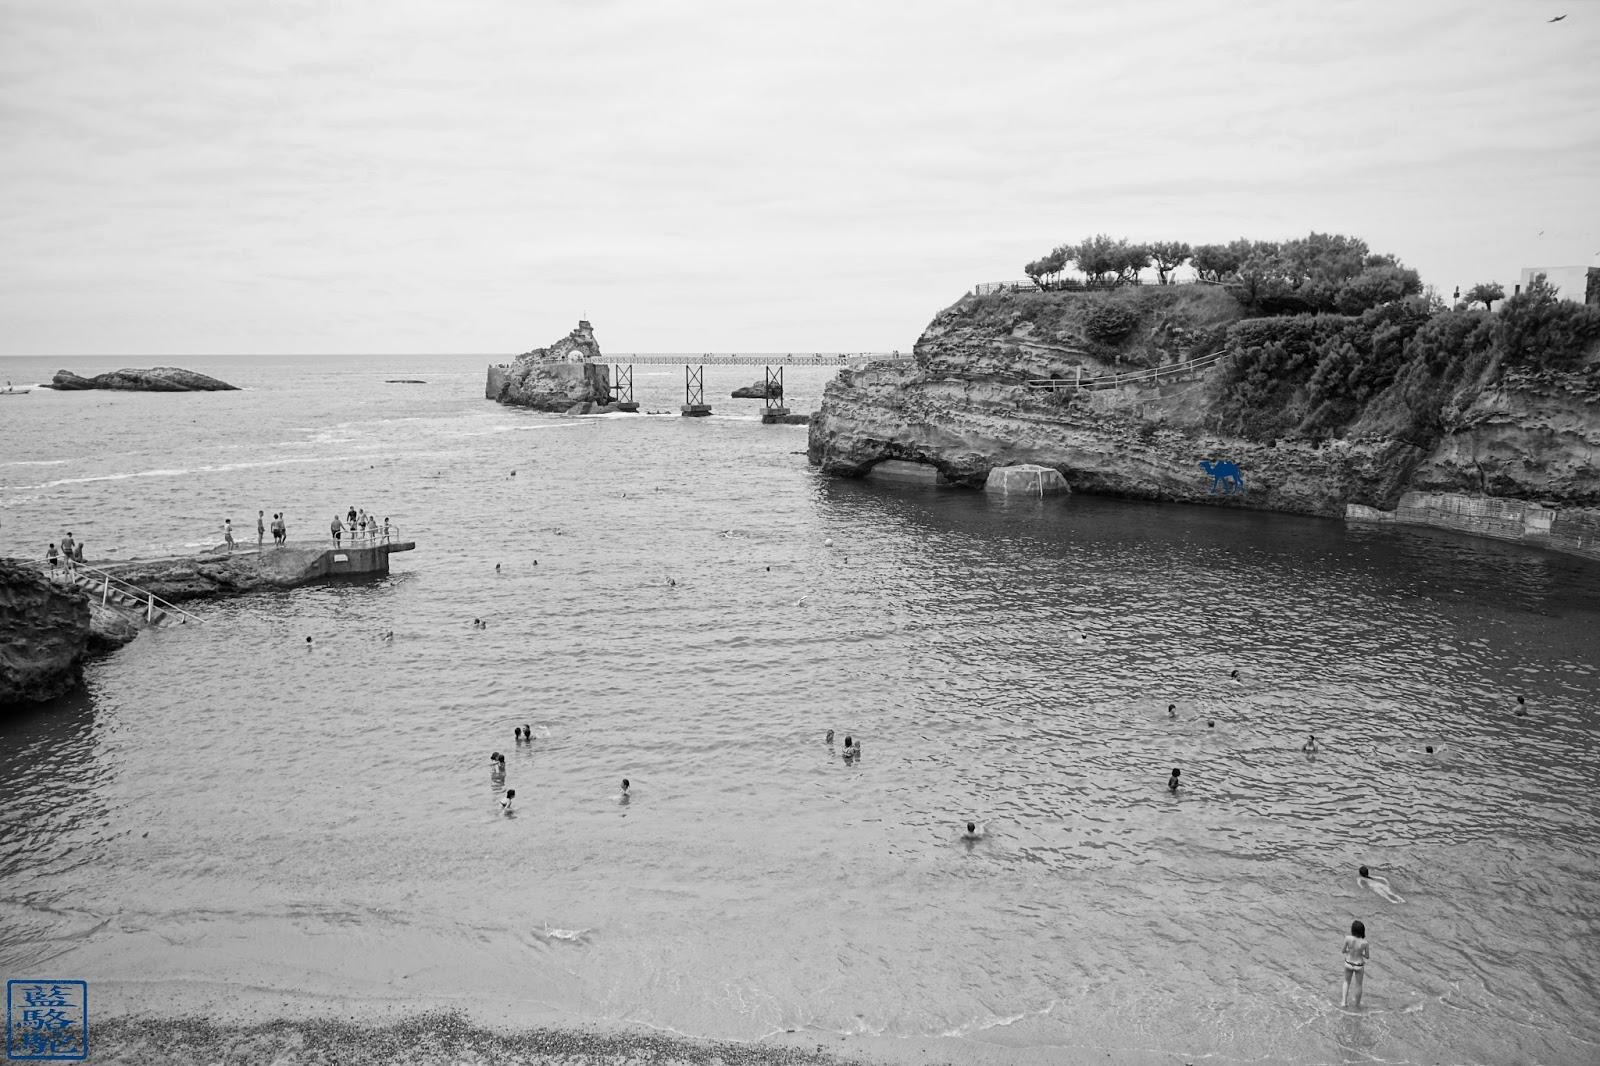 Le Chameau Bleu - La Plage du Port-Vieux - Biarritz Sud Ouest